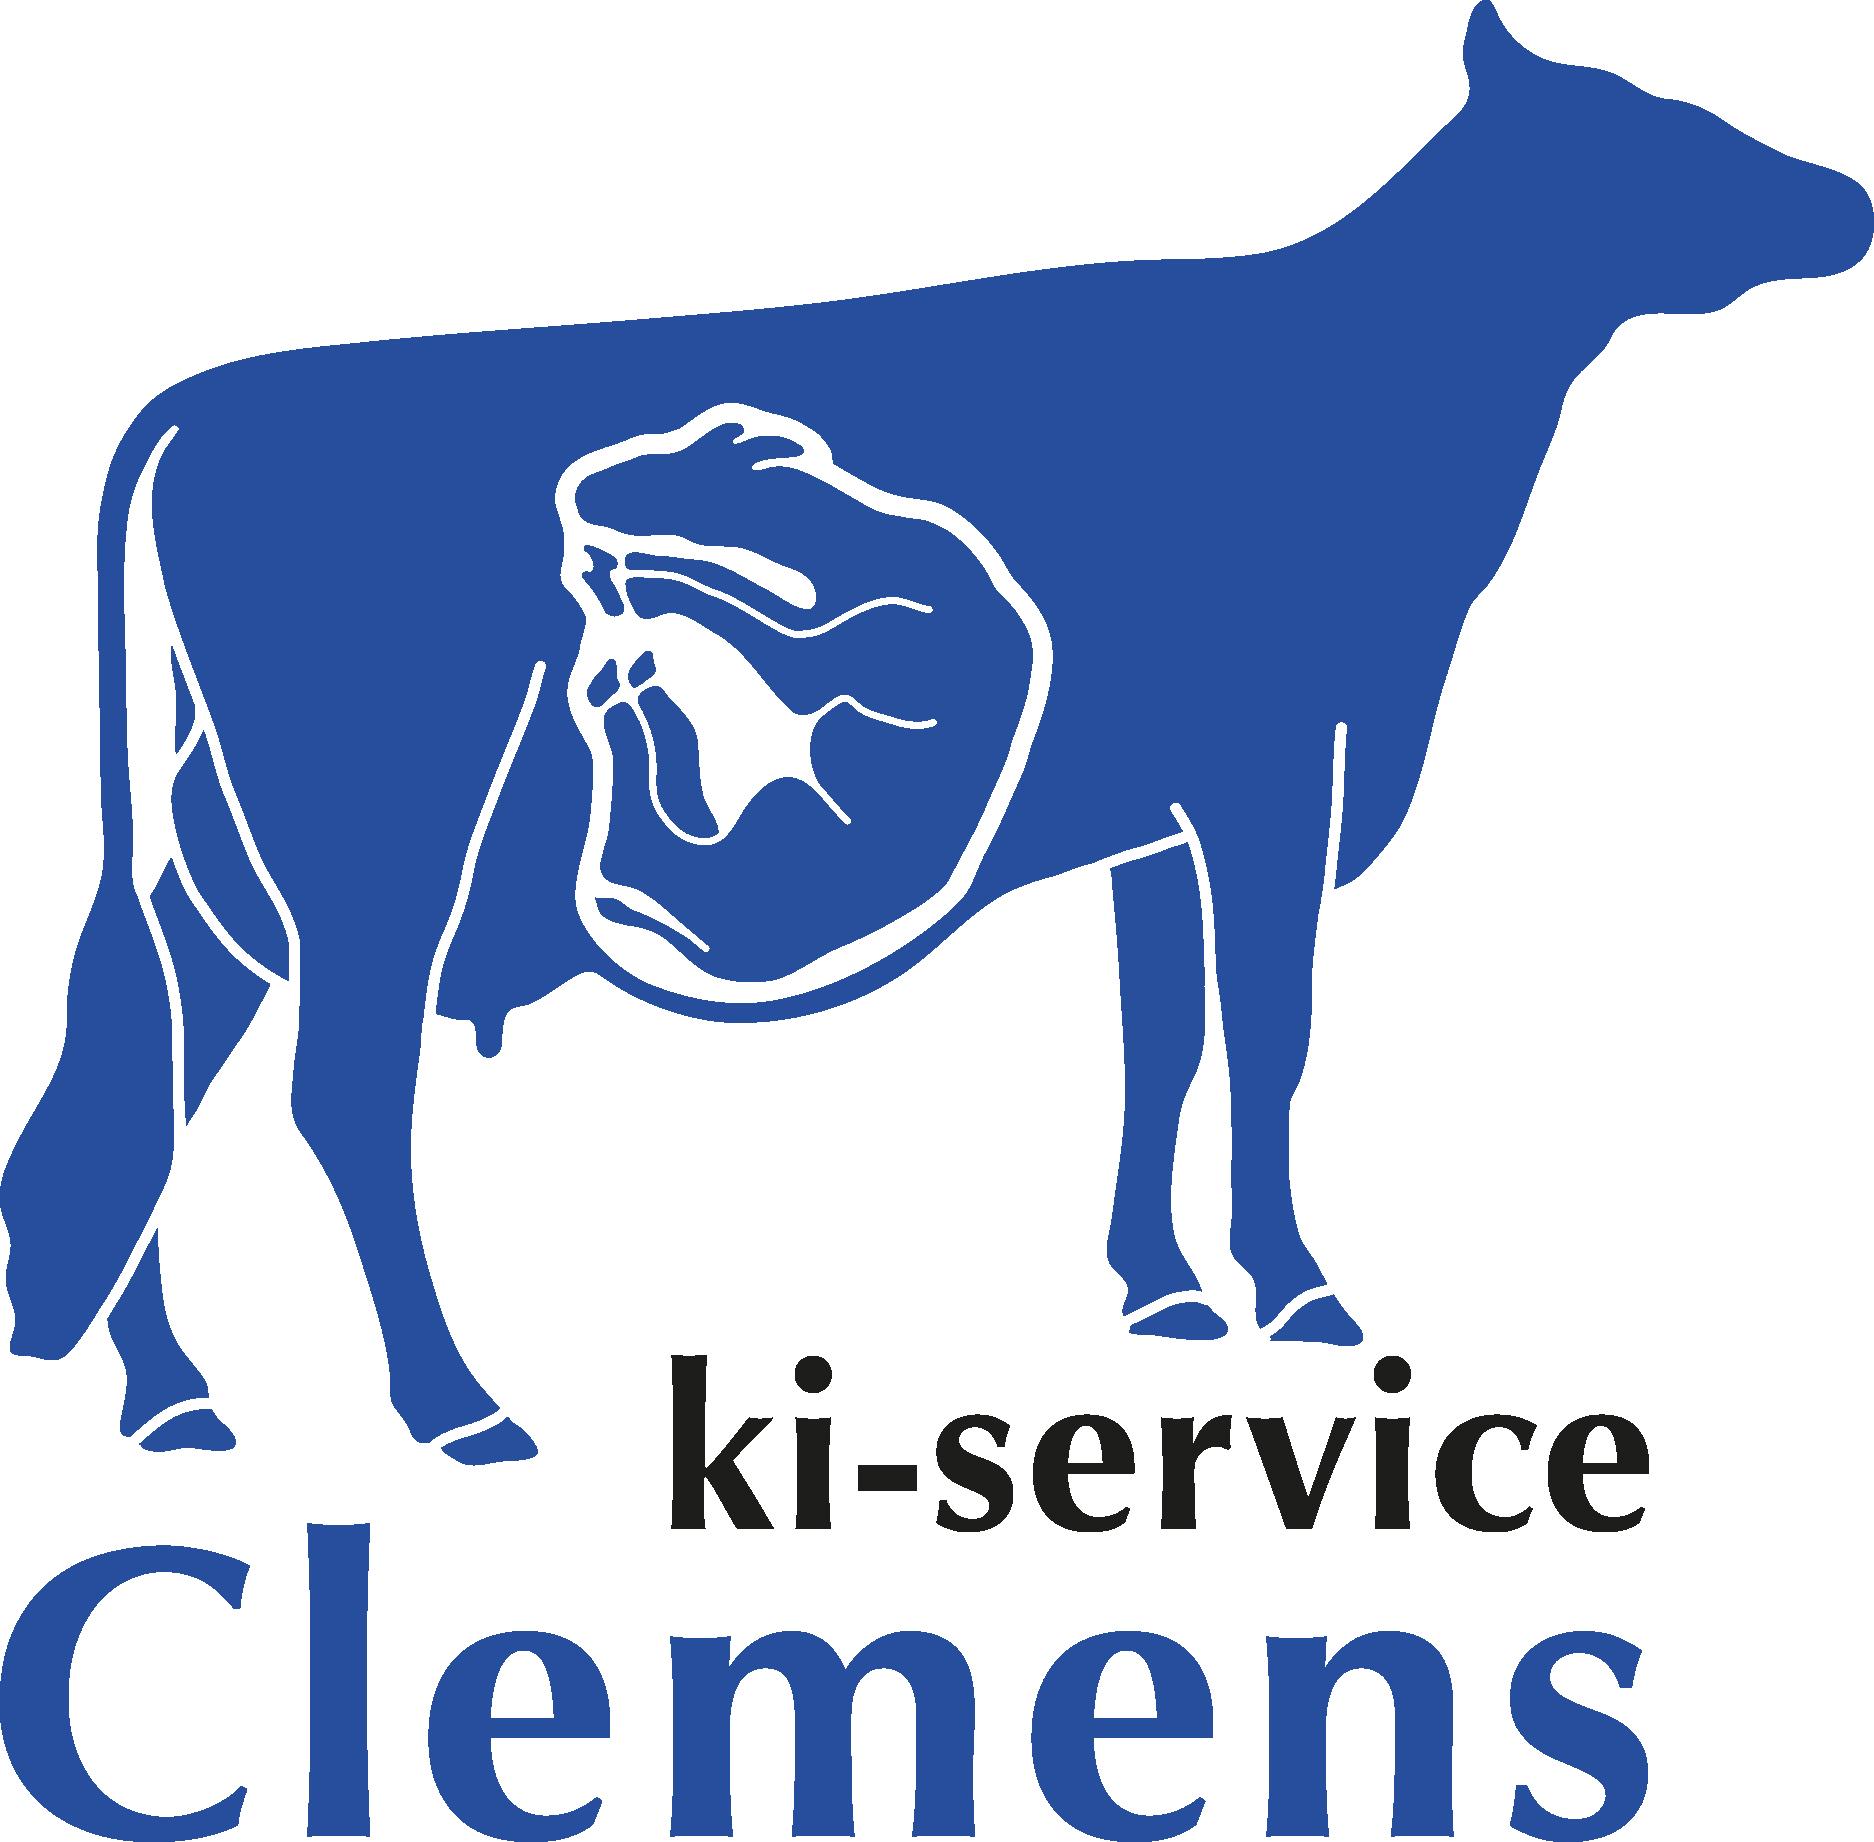 KI-Service Clemens